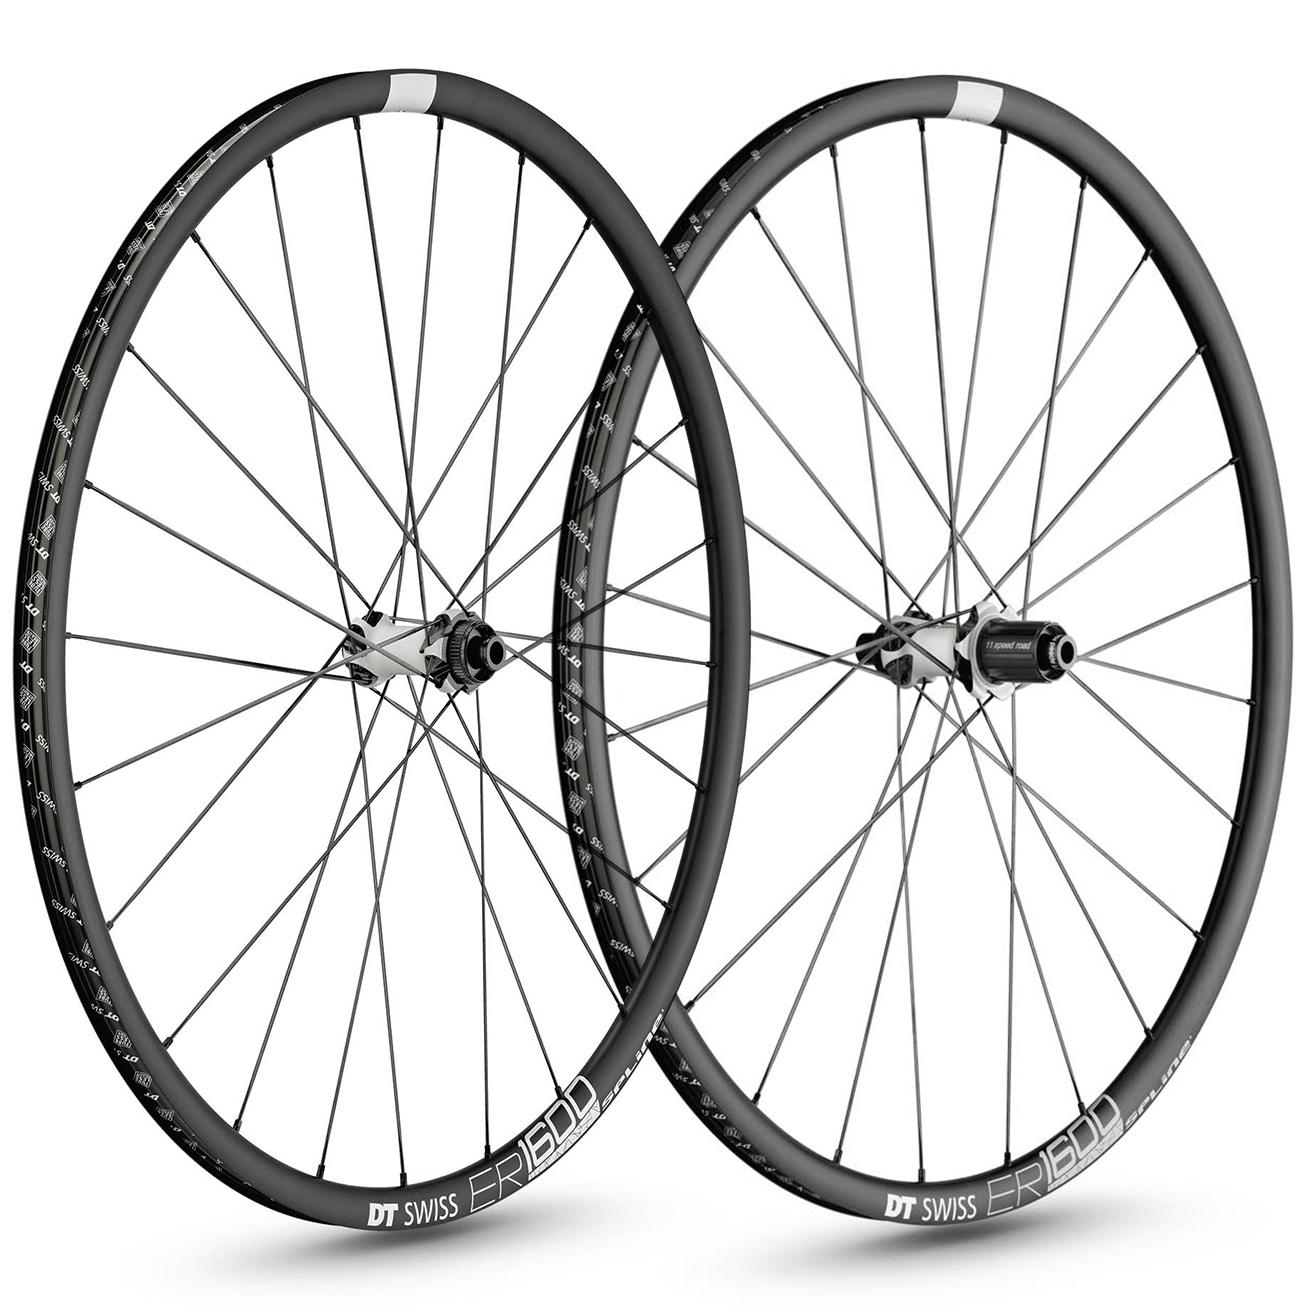 DT Swiss ER 1600 Spline 23 Disc Road Wheelset - 700c